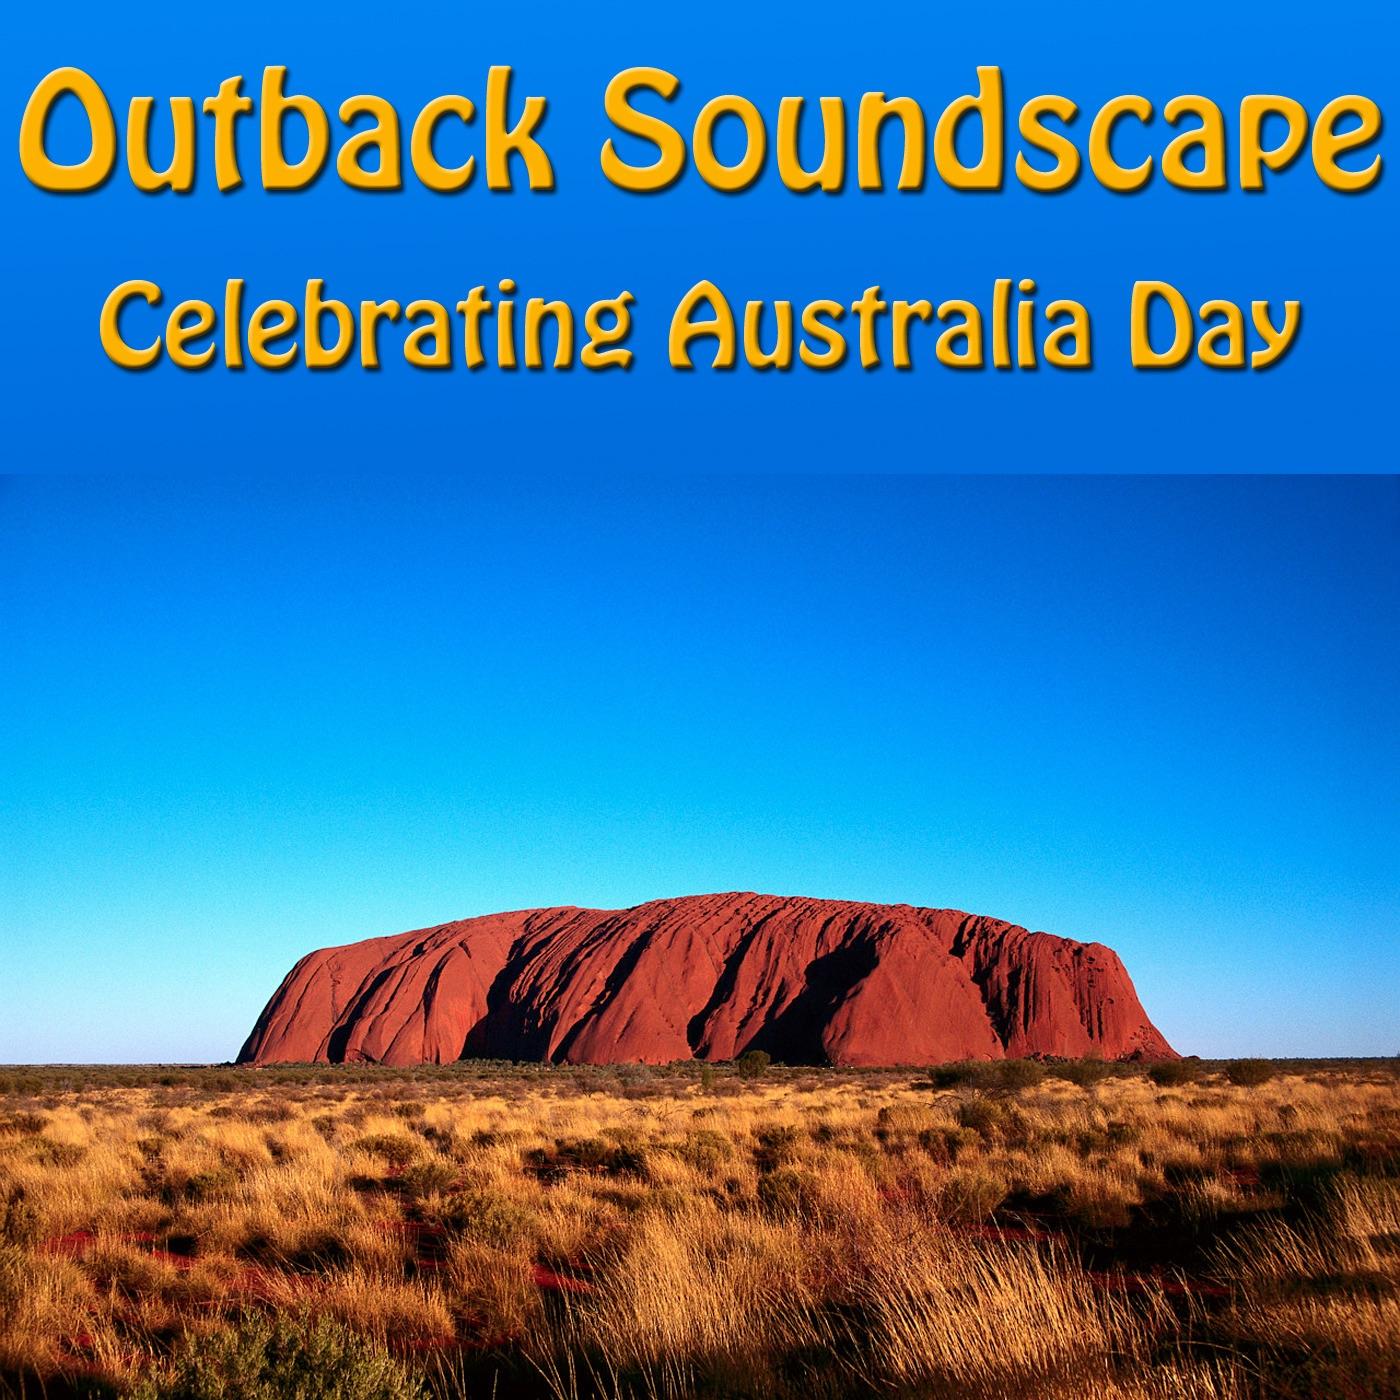 Outback Soundscape: Celebrating Australia Day